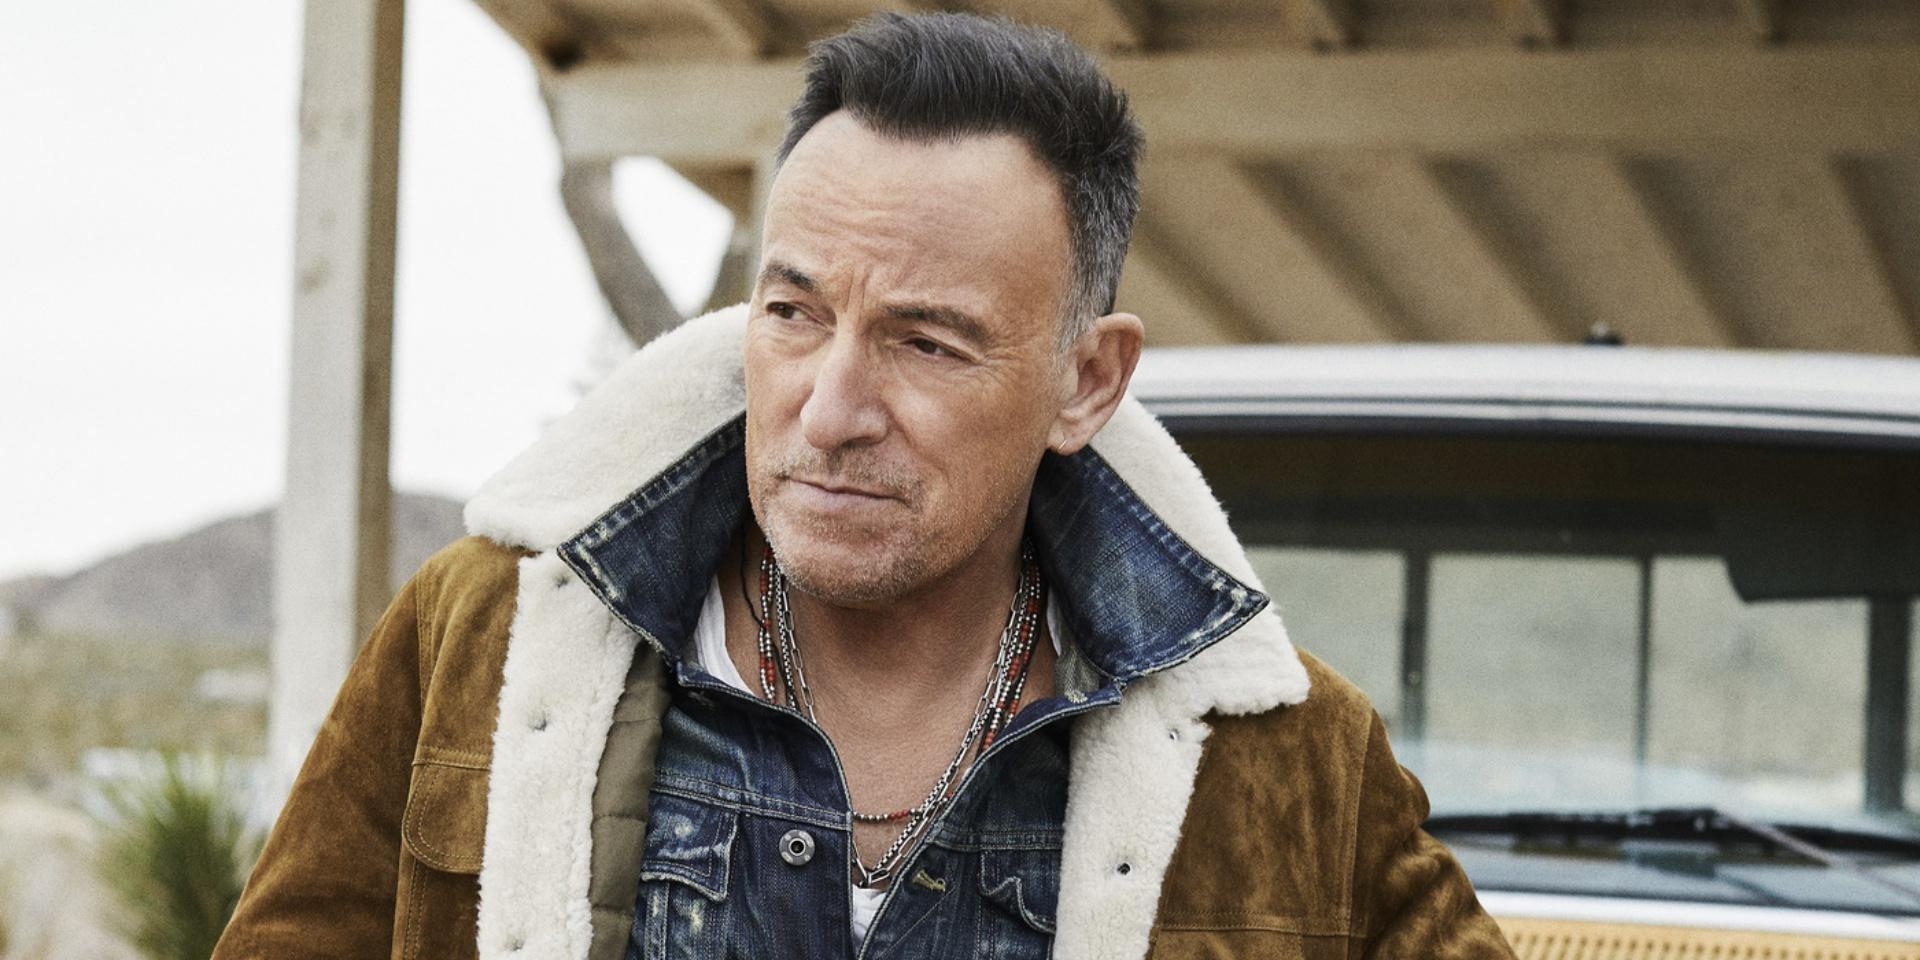 Bruce Springsteen announces new album, shares new single 'Hello Sunshine' – listen